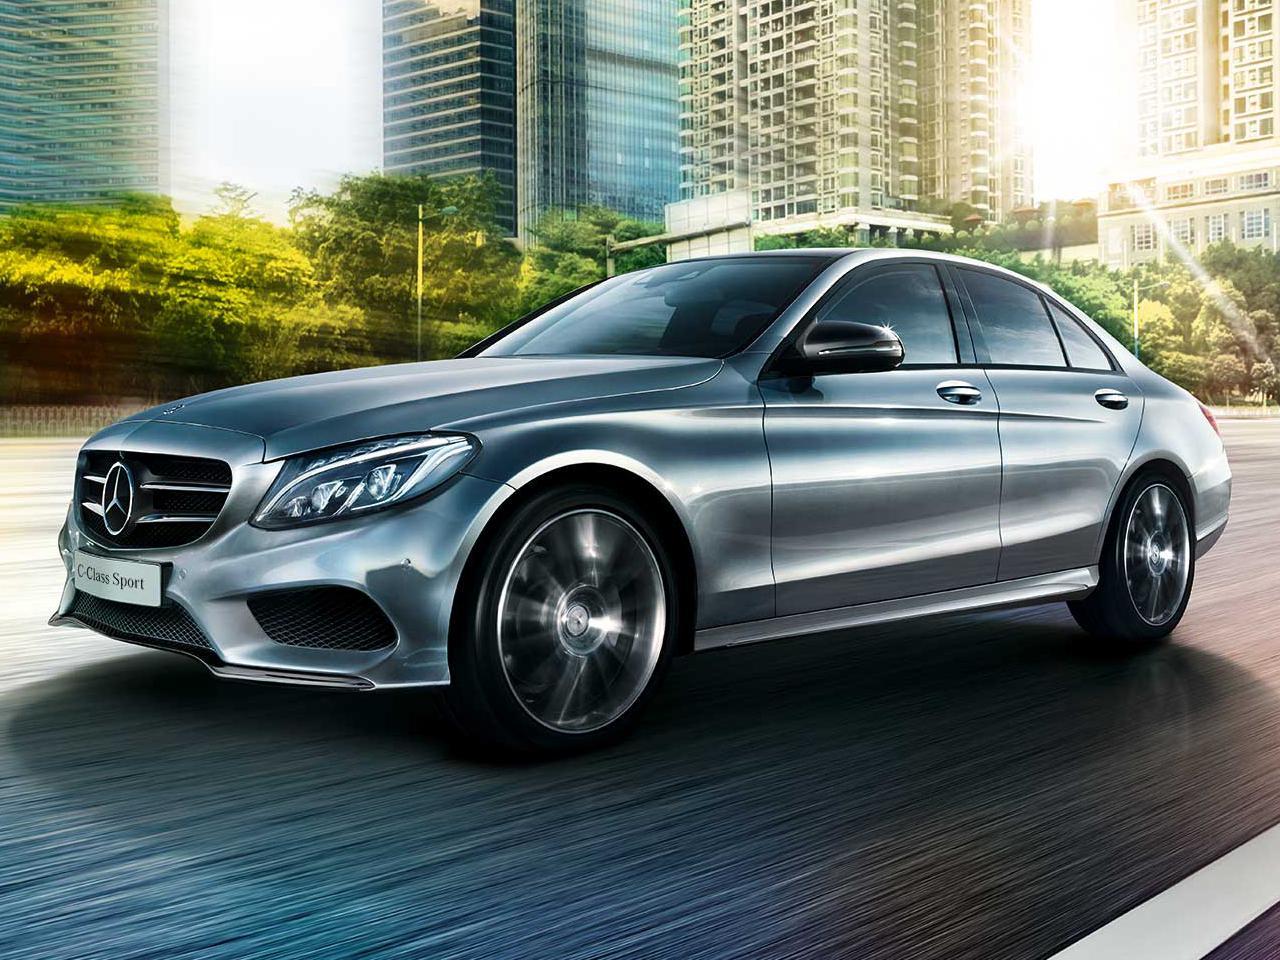 售31.68万元 奔驰C 200 成就特别版上市